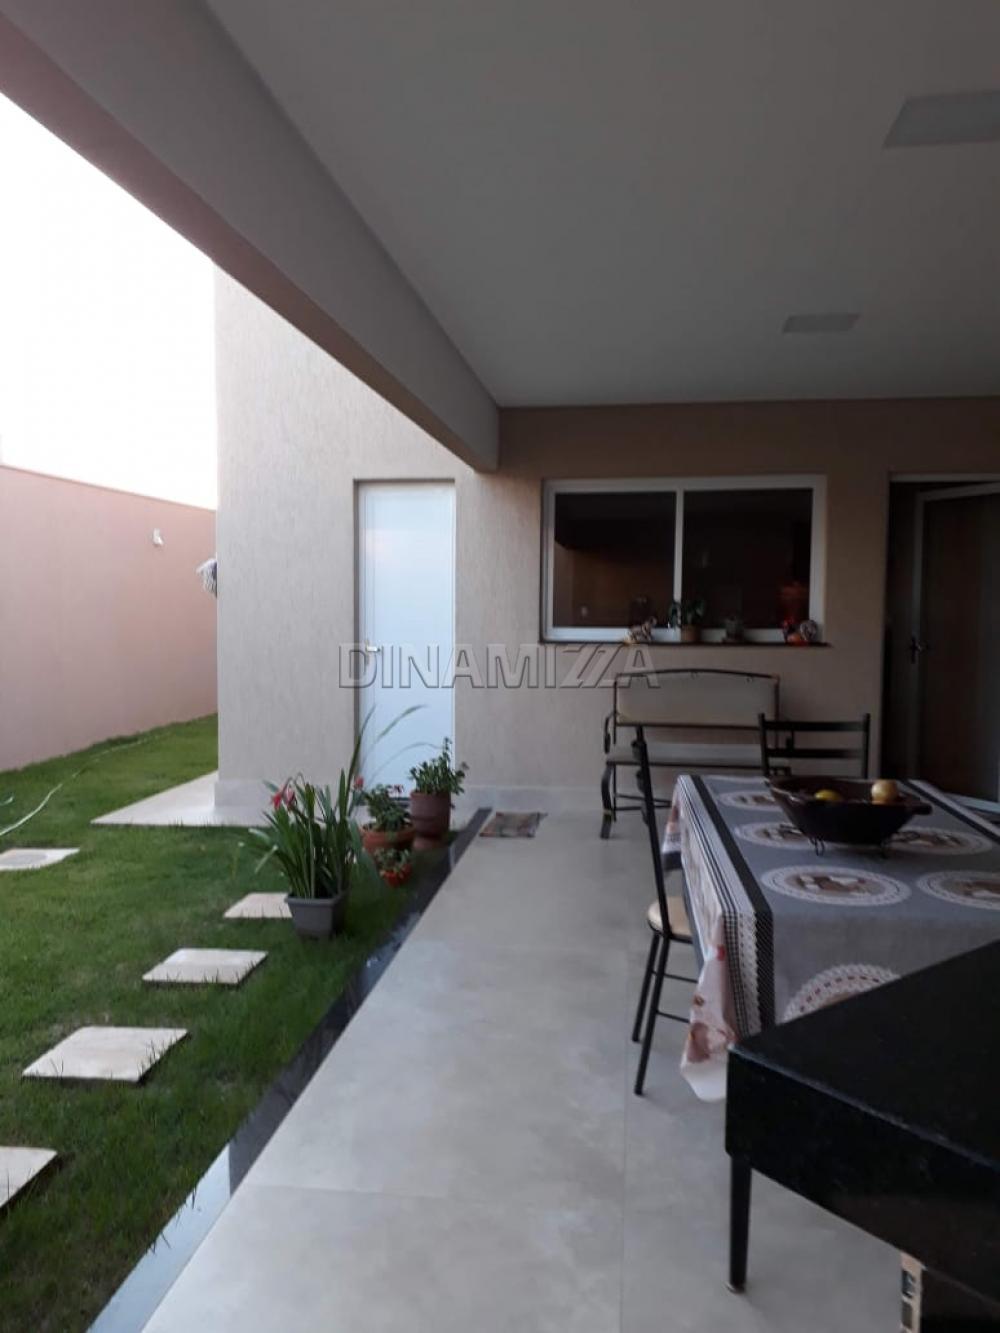 Comprar Casa / Padrão em Condomínio em Uberaba R$ 1.400.000,00 - Foto 6